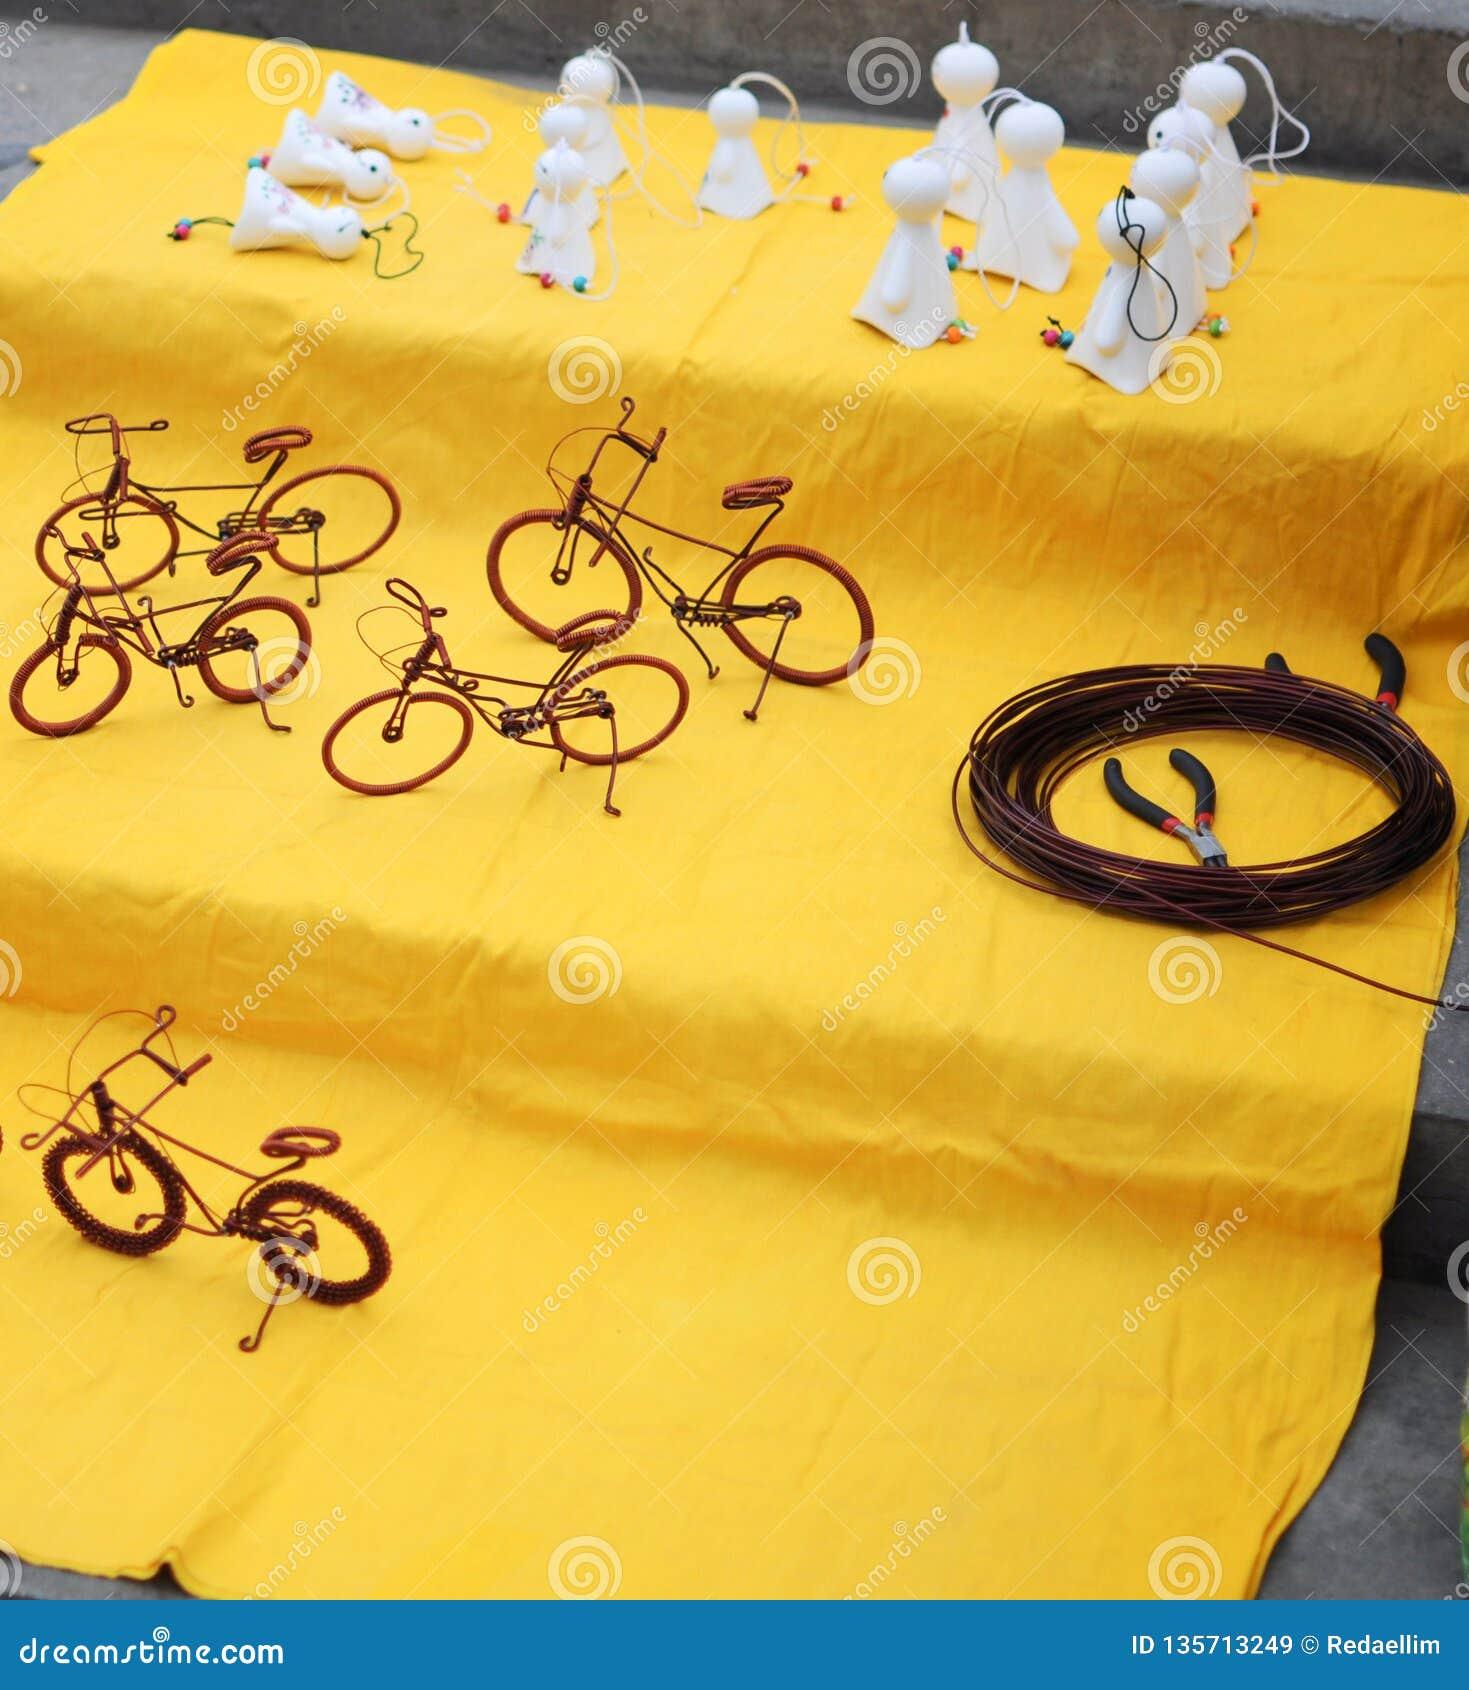 Straßenkunst: Fahrrad hergestellt mit Draht und kleinen Geistern